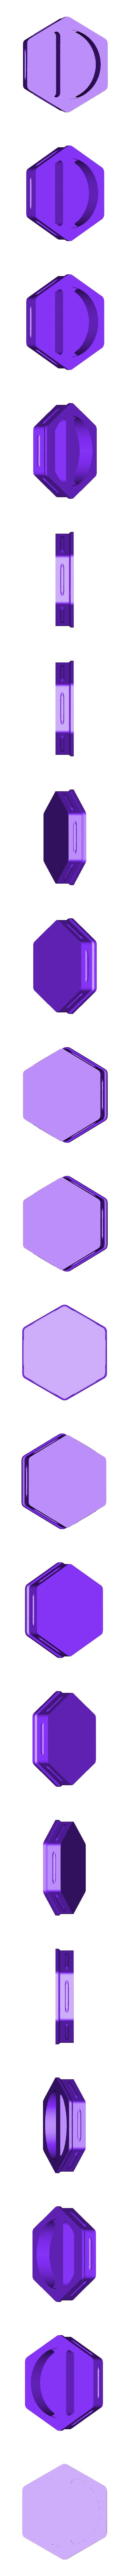 HexaPill - Case lid.stl Download STL file HexaPill - Modular pillbox / pill dispenser • 3D printing design, yozz